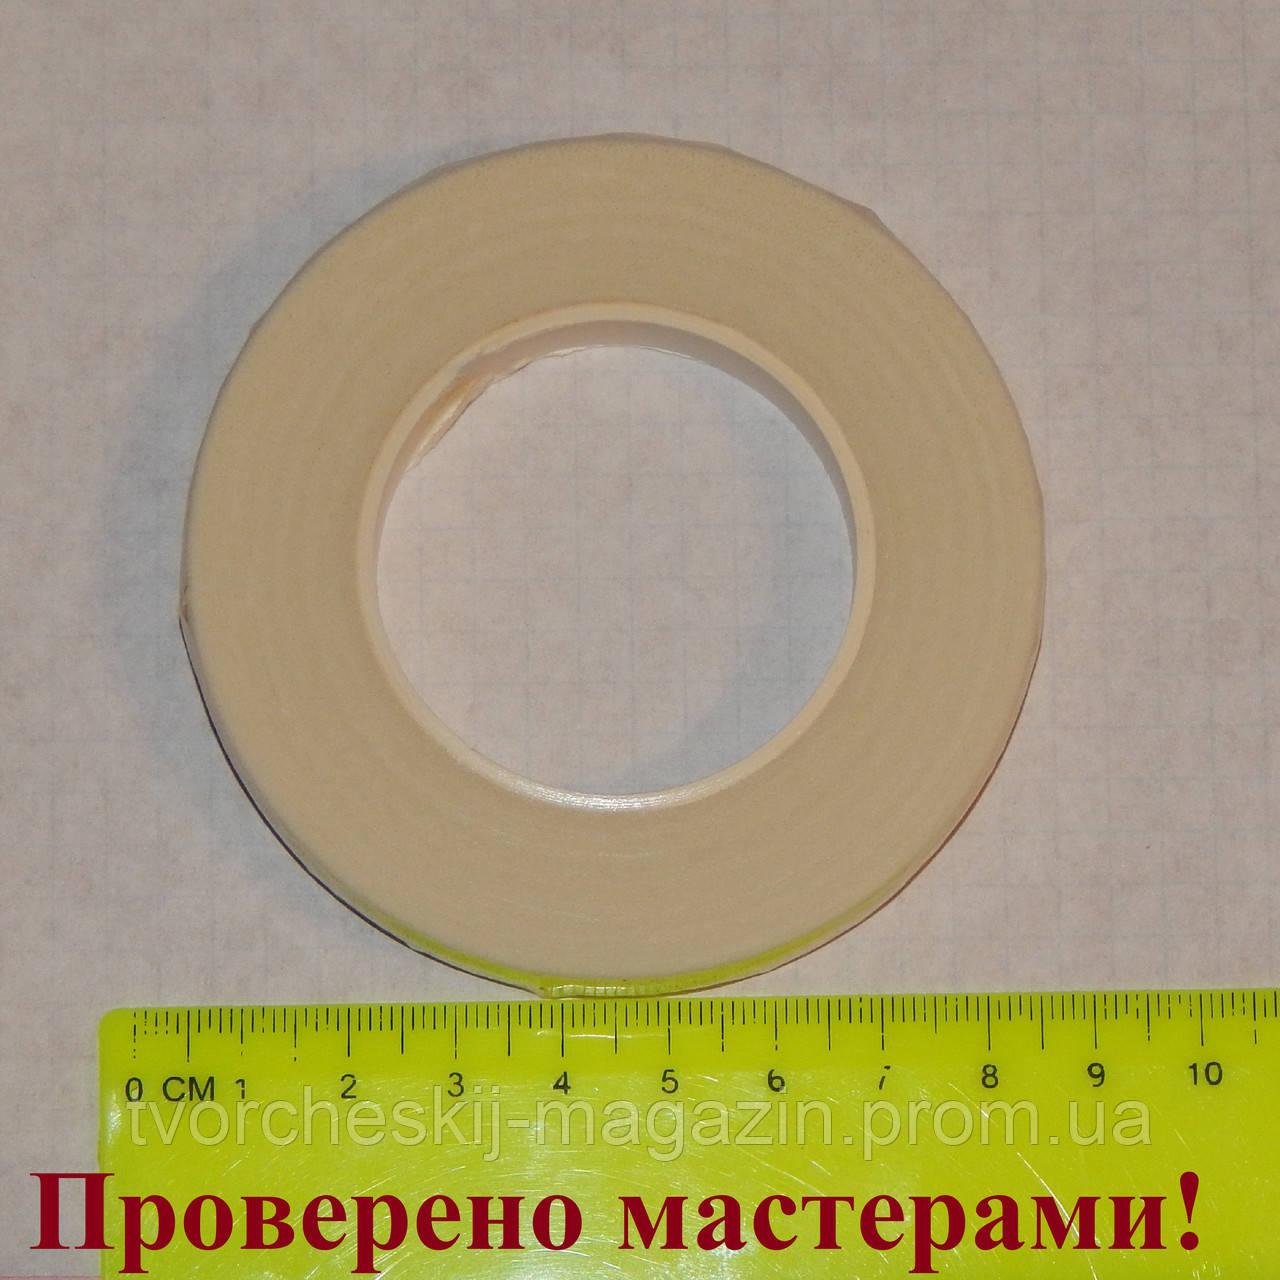 Тейп-Лента белая, 27 м, 1,2 см (12 мм) 1 большая бобина